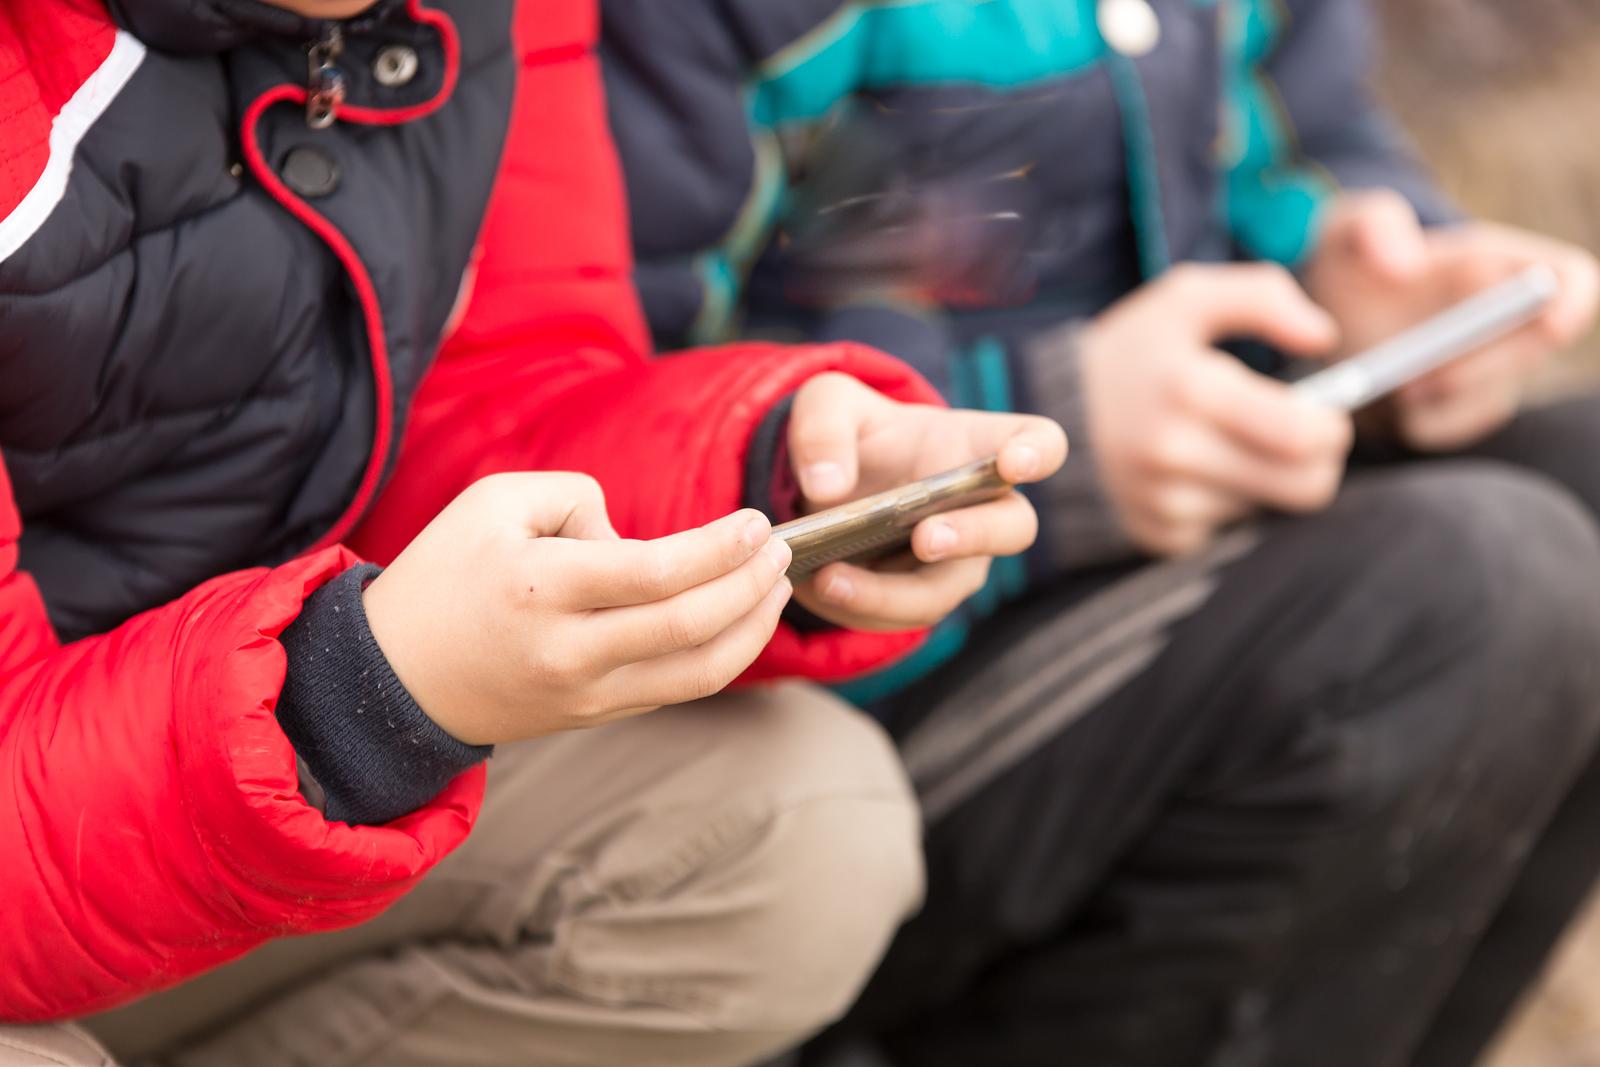 Niñas de hasta seis años fueron encontradas enviando mensajes sexuales explícitos durante la cuarentena